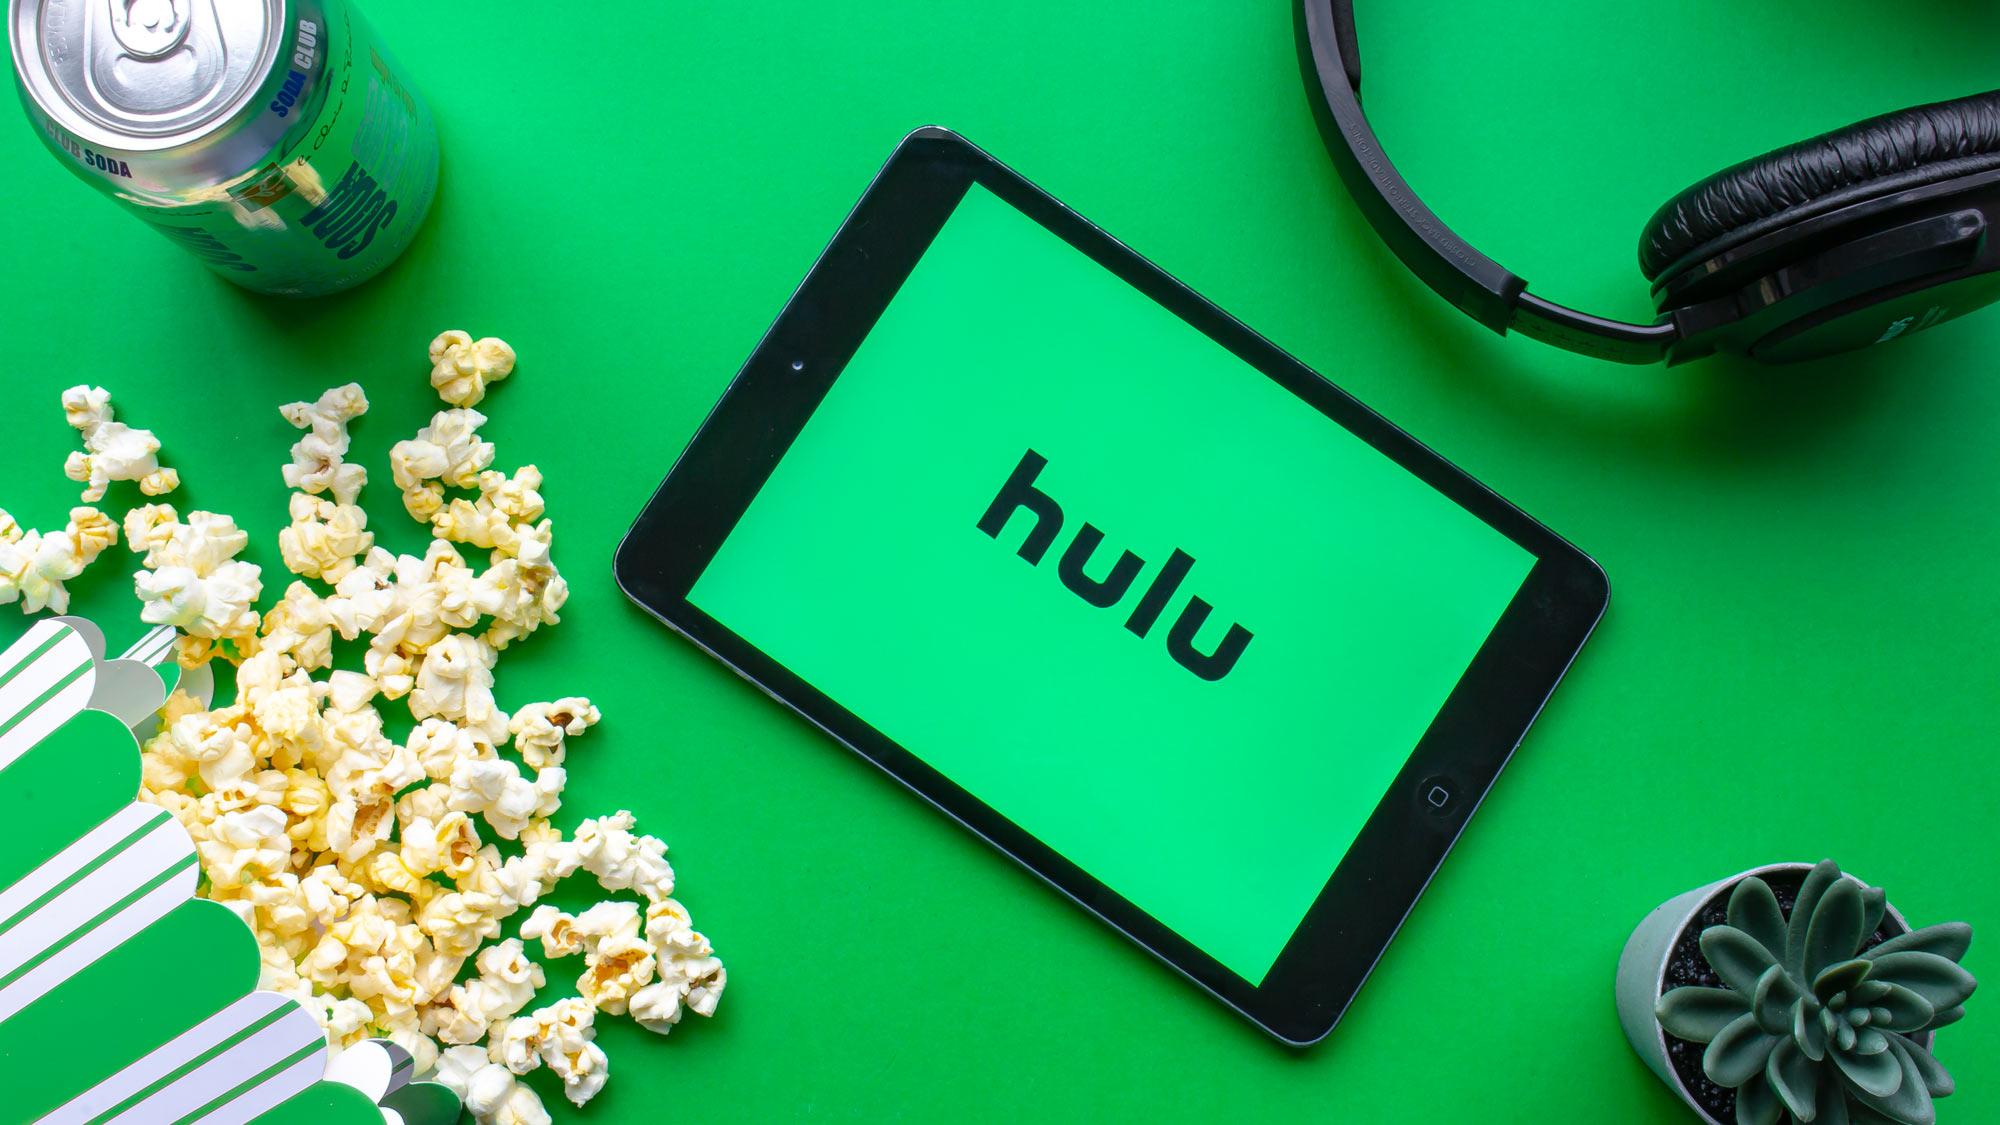 Hulu has ads